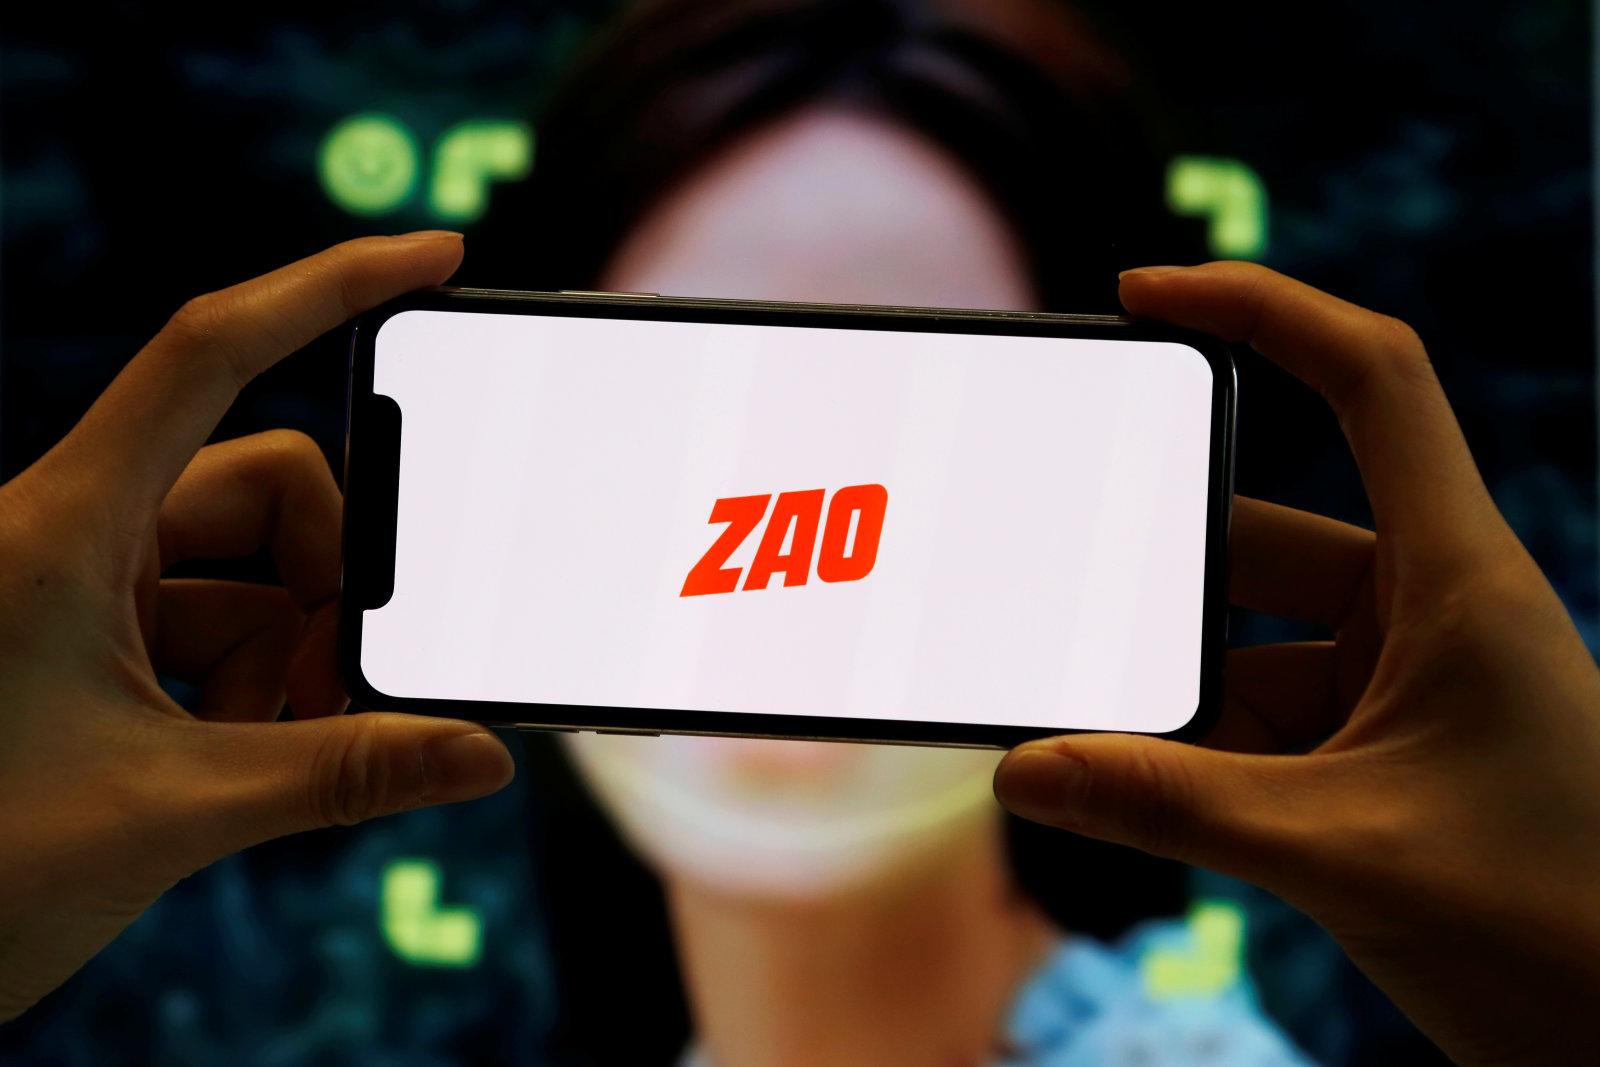 广受欢迎的AI换脸应用Zao引发了另一场隐私抗议